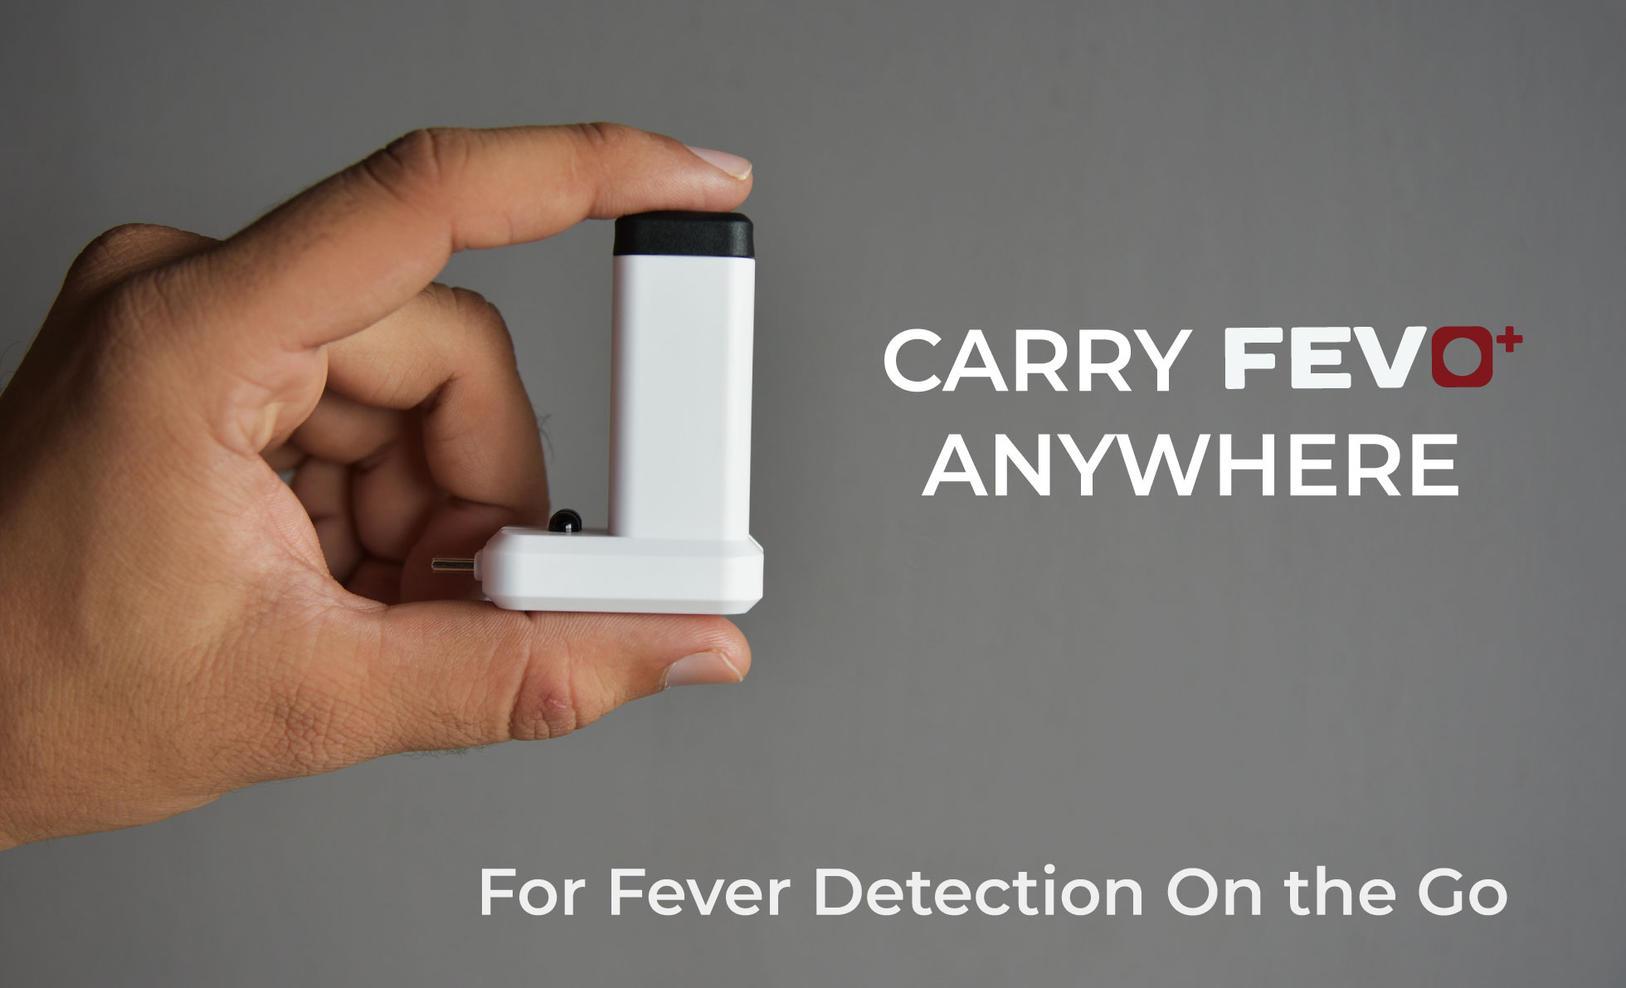 Fevo+_Smart_Fever-Detection-2.jpg